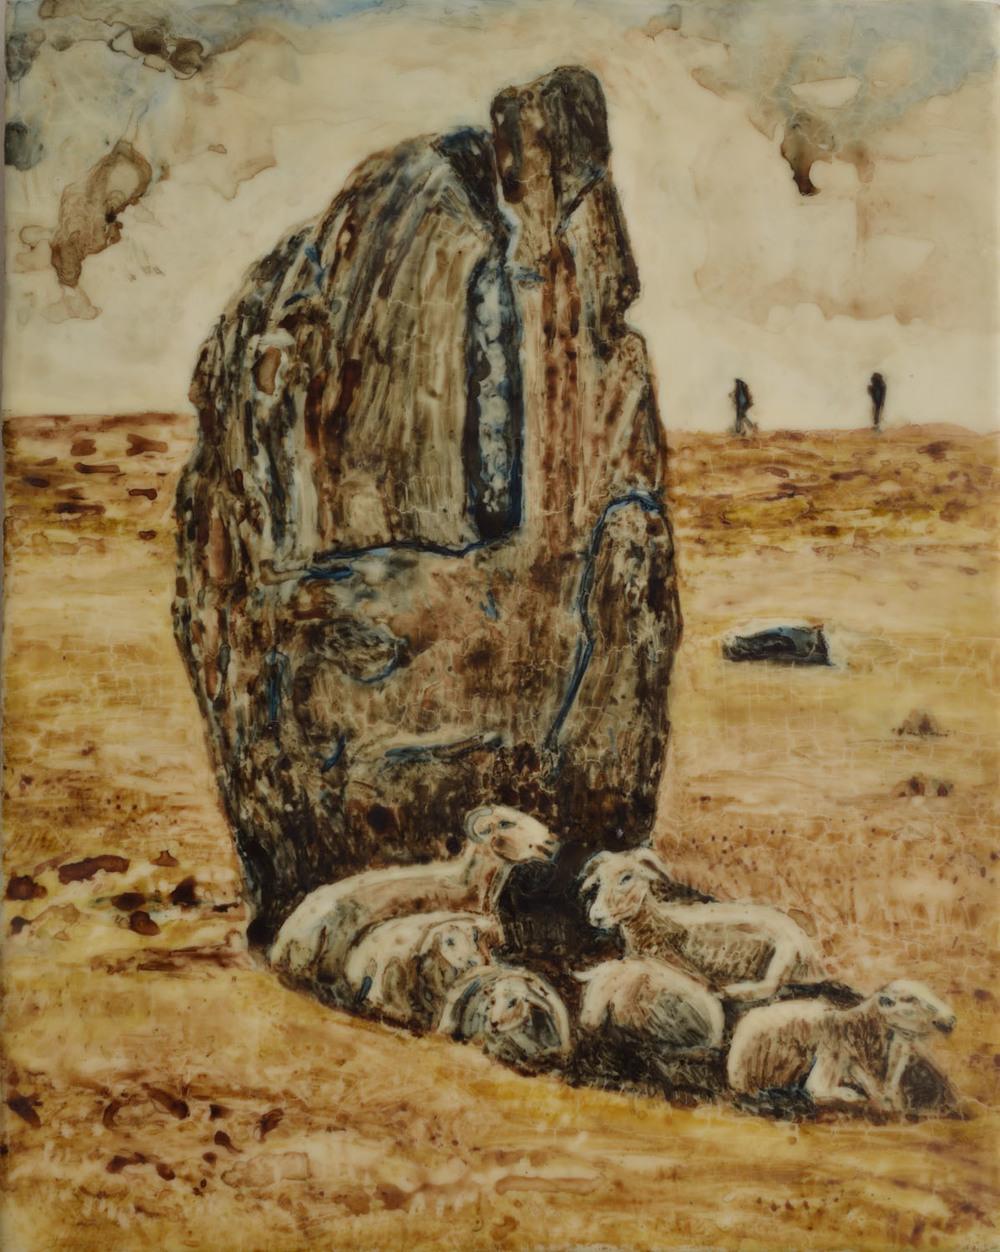 Avebury Stone with 6 Sheep